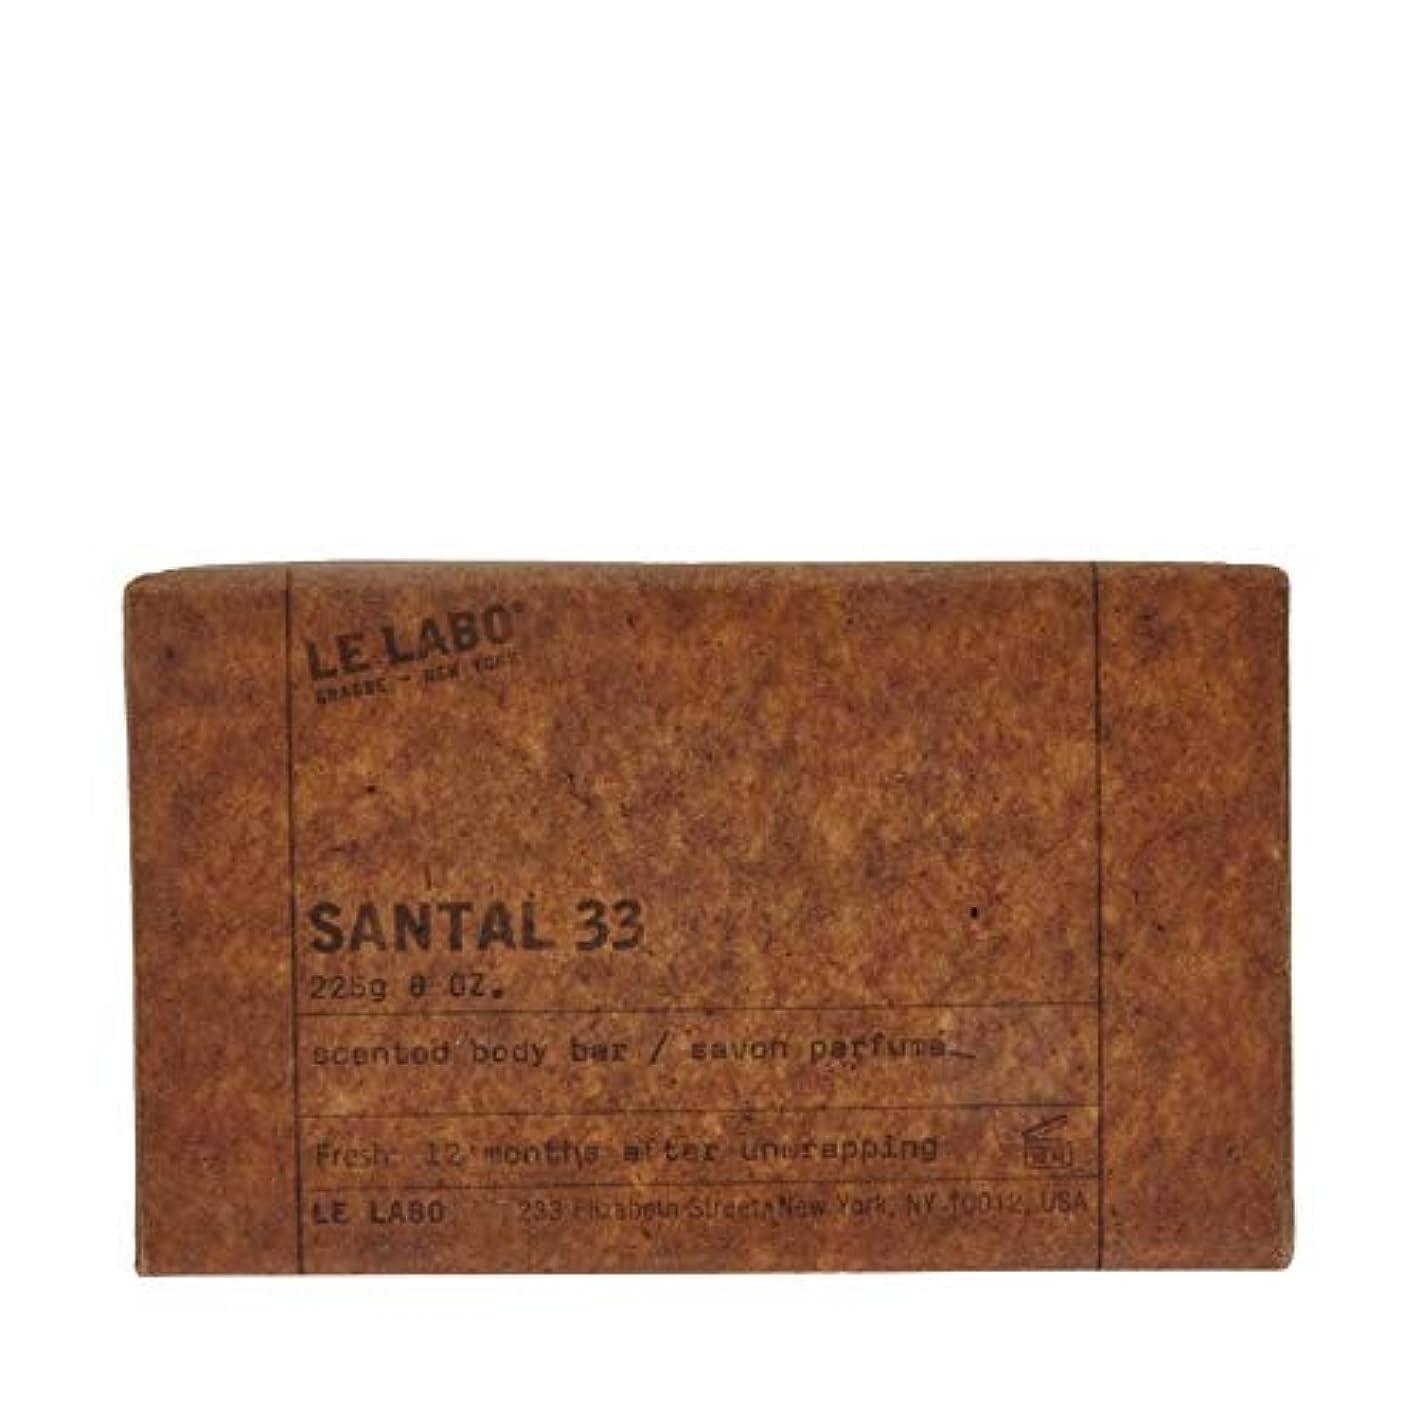 書士ベアリングサークルできた[Le Labo ] ルラボサンタル33石鹸225グラム - Le Labo Santal 33 Soap 225g [並行輸入品]